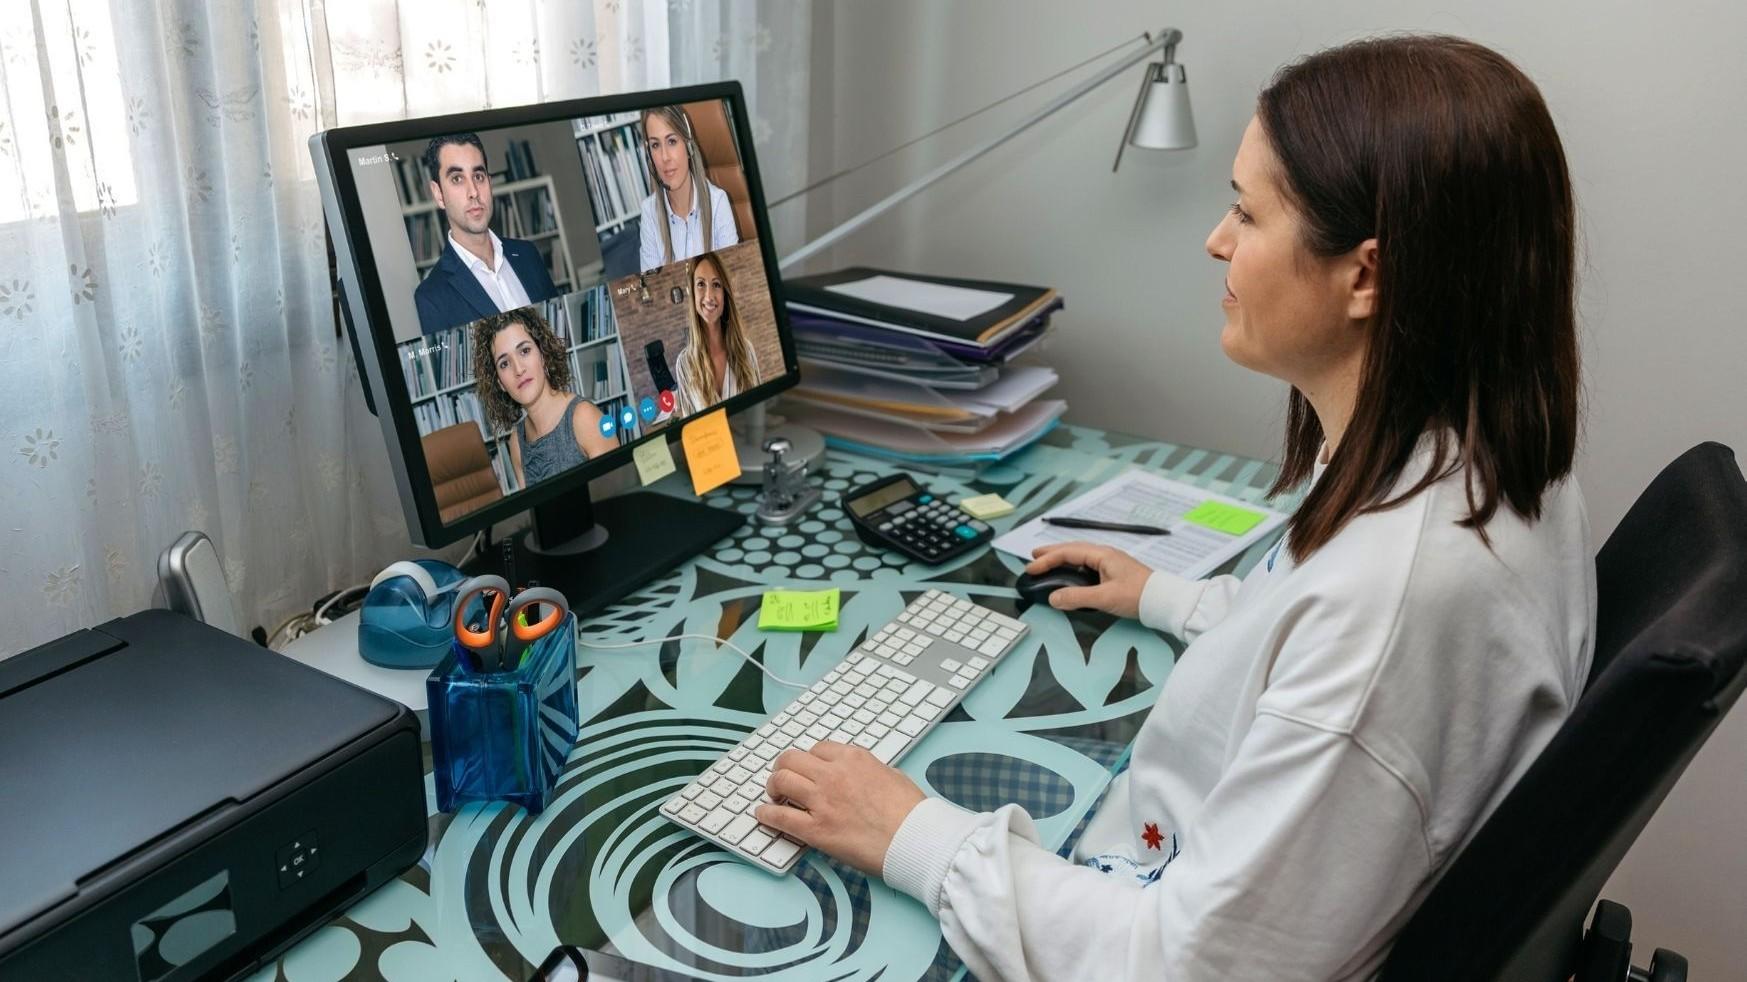 Représentation de la formation : Piloter ses réunions de travail virtuelles en mode collaboratif